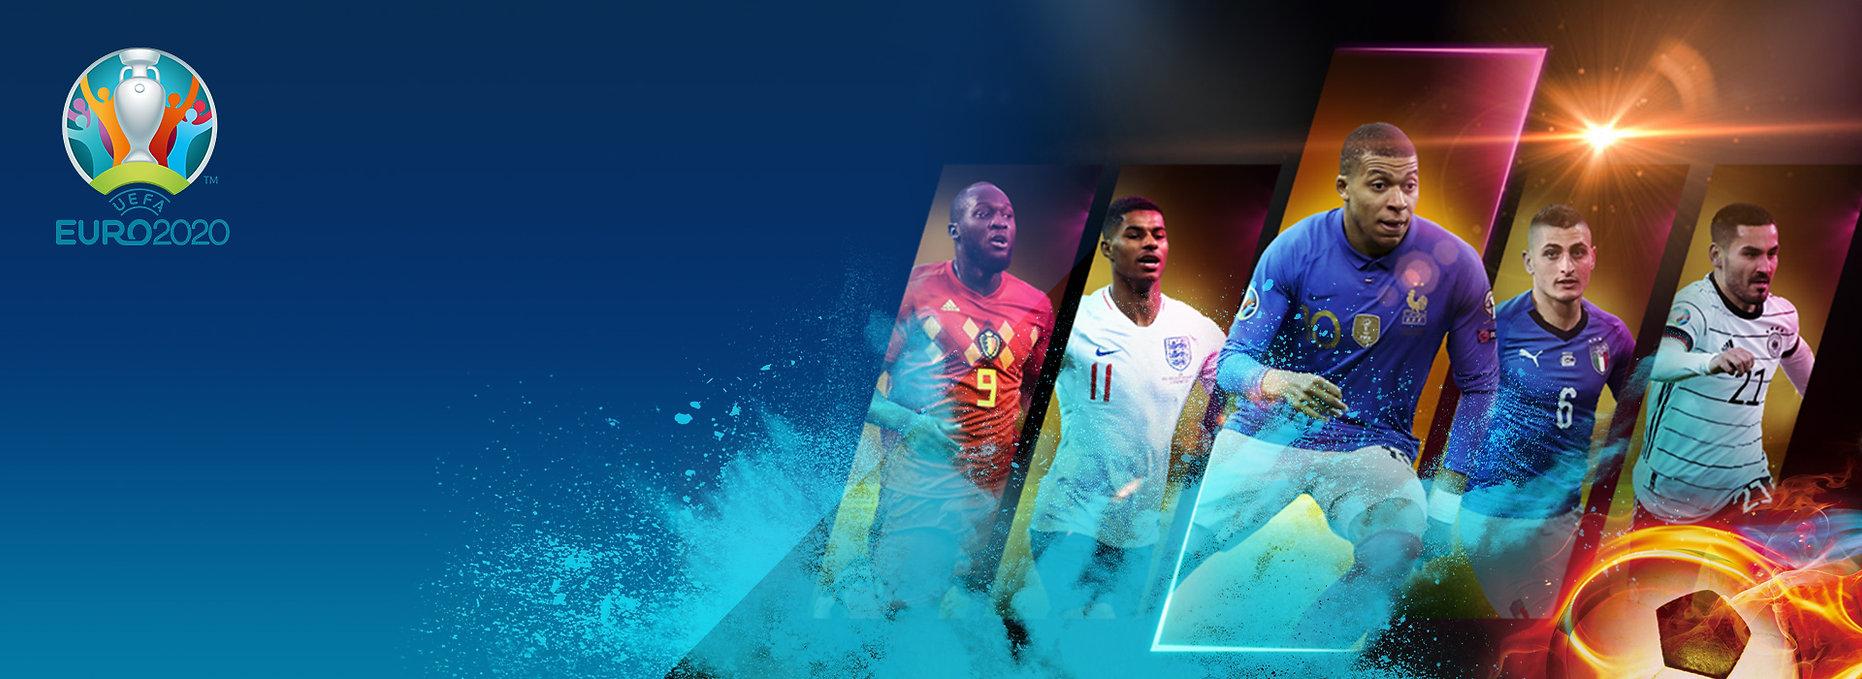 eurocup 2020.jpg